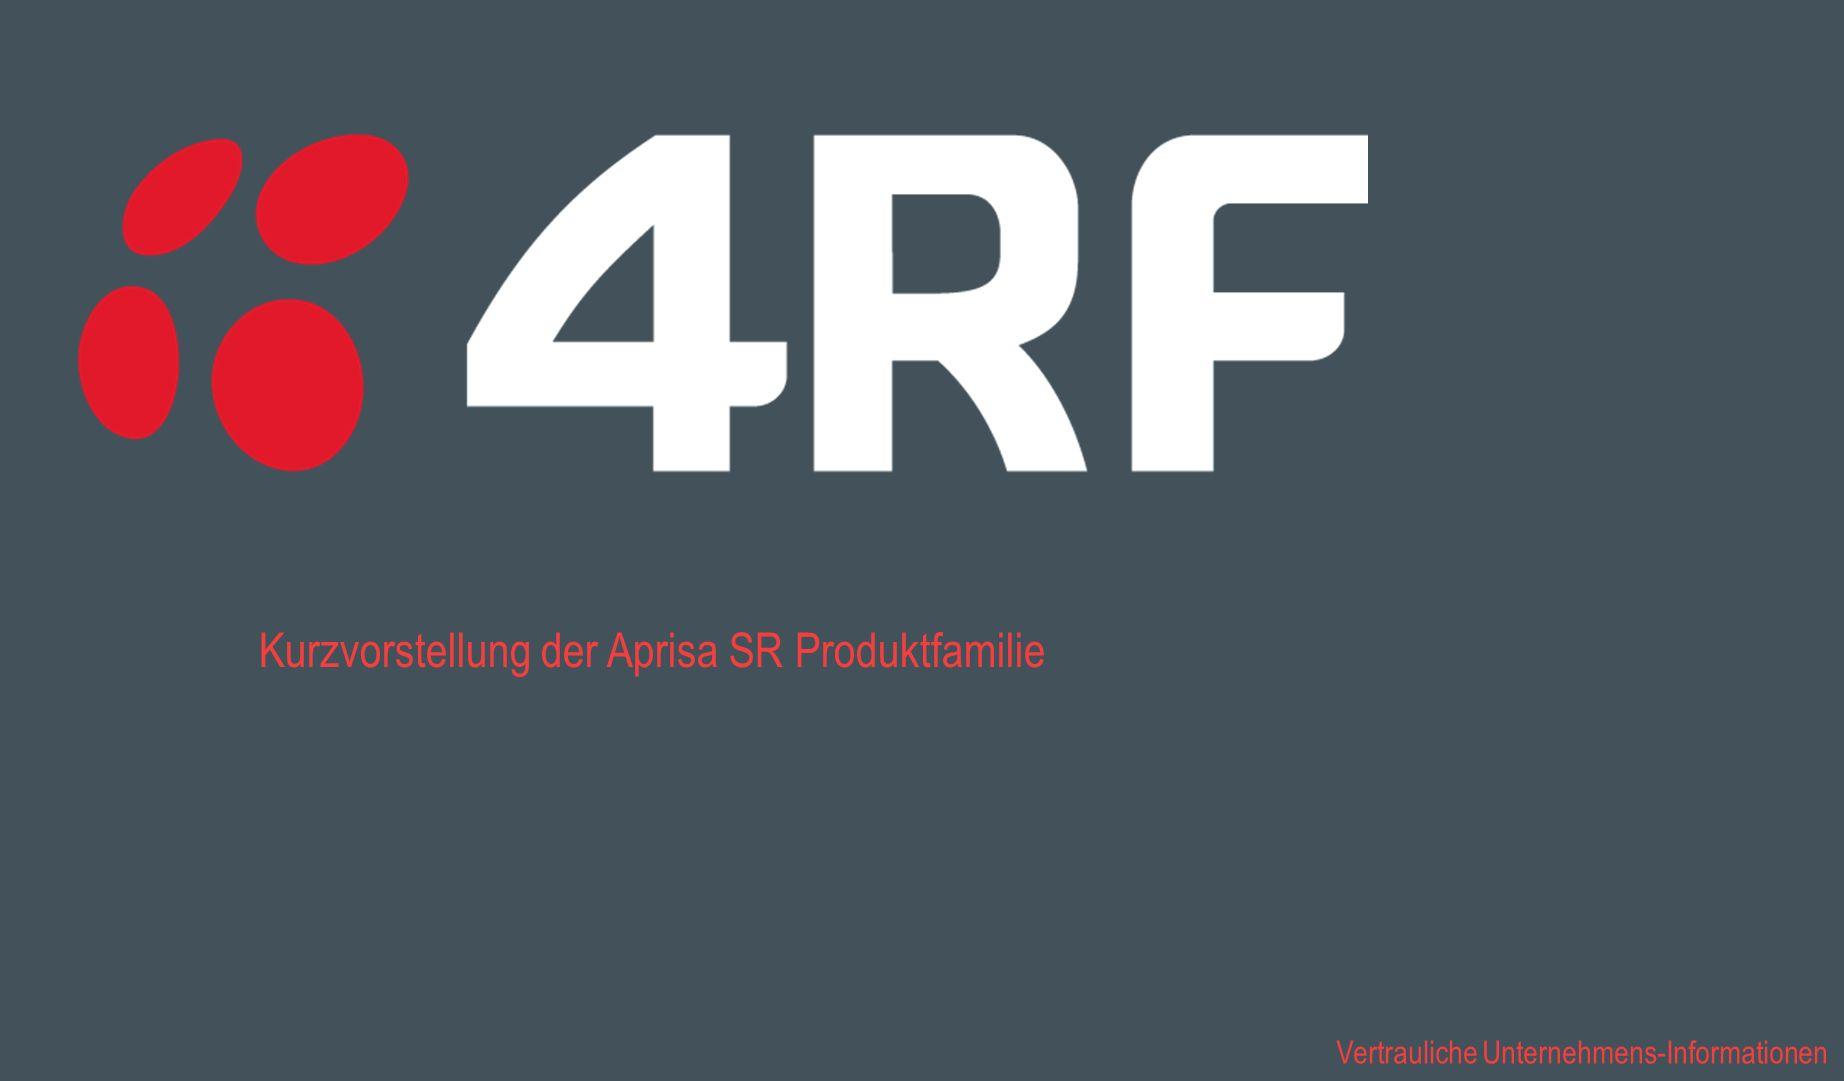 Kurzvorstellung der Aprisa SR Produktfamilie